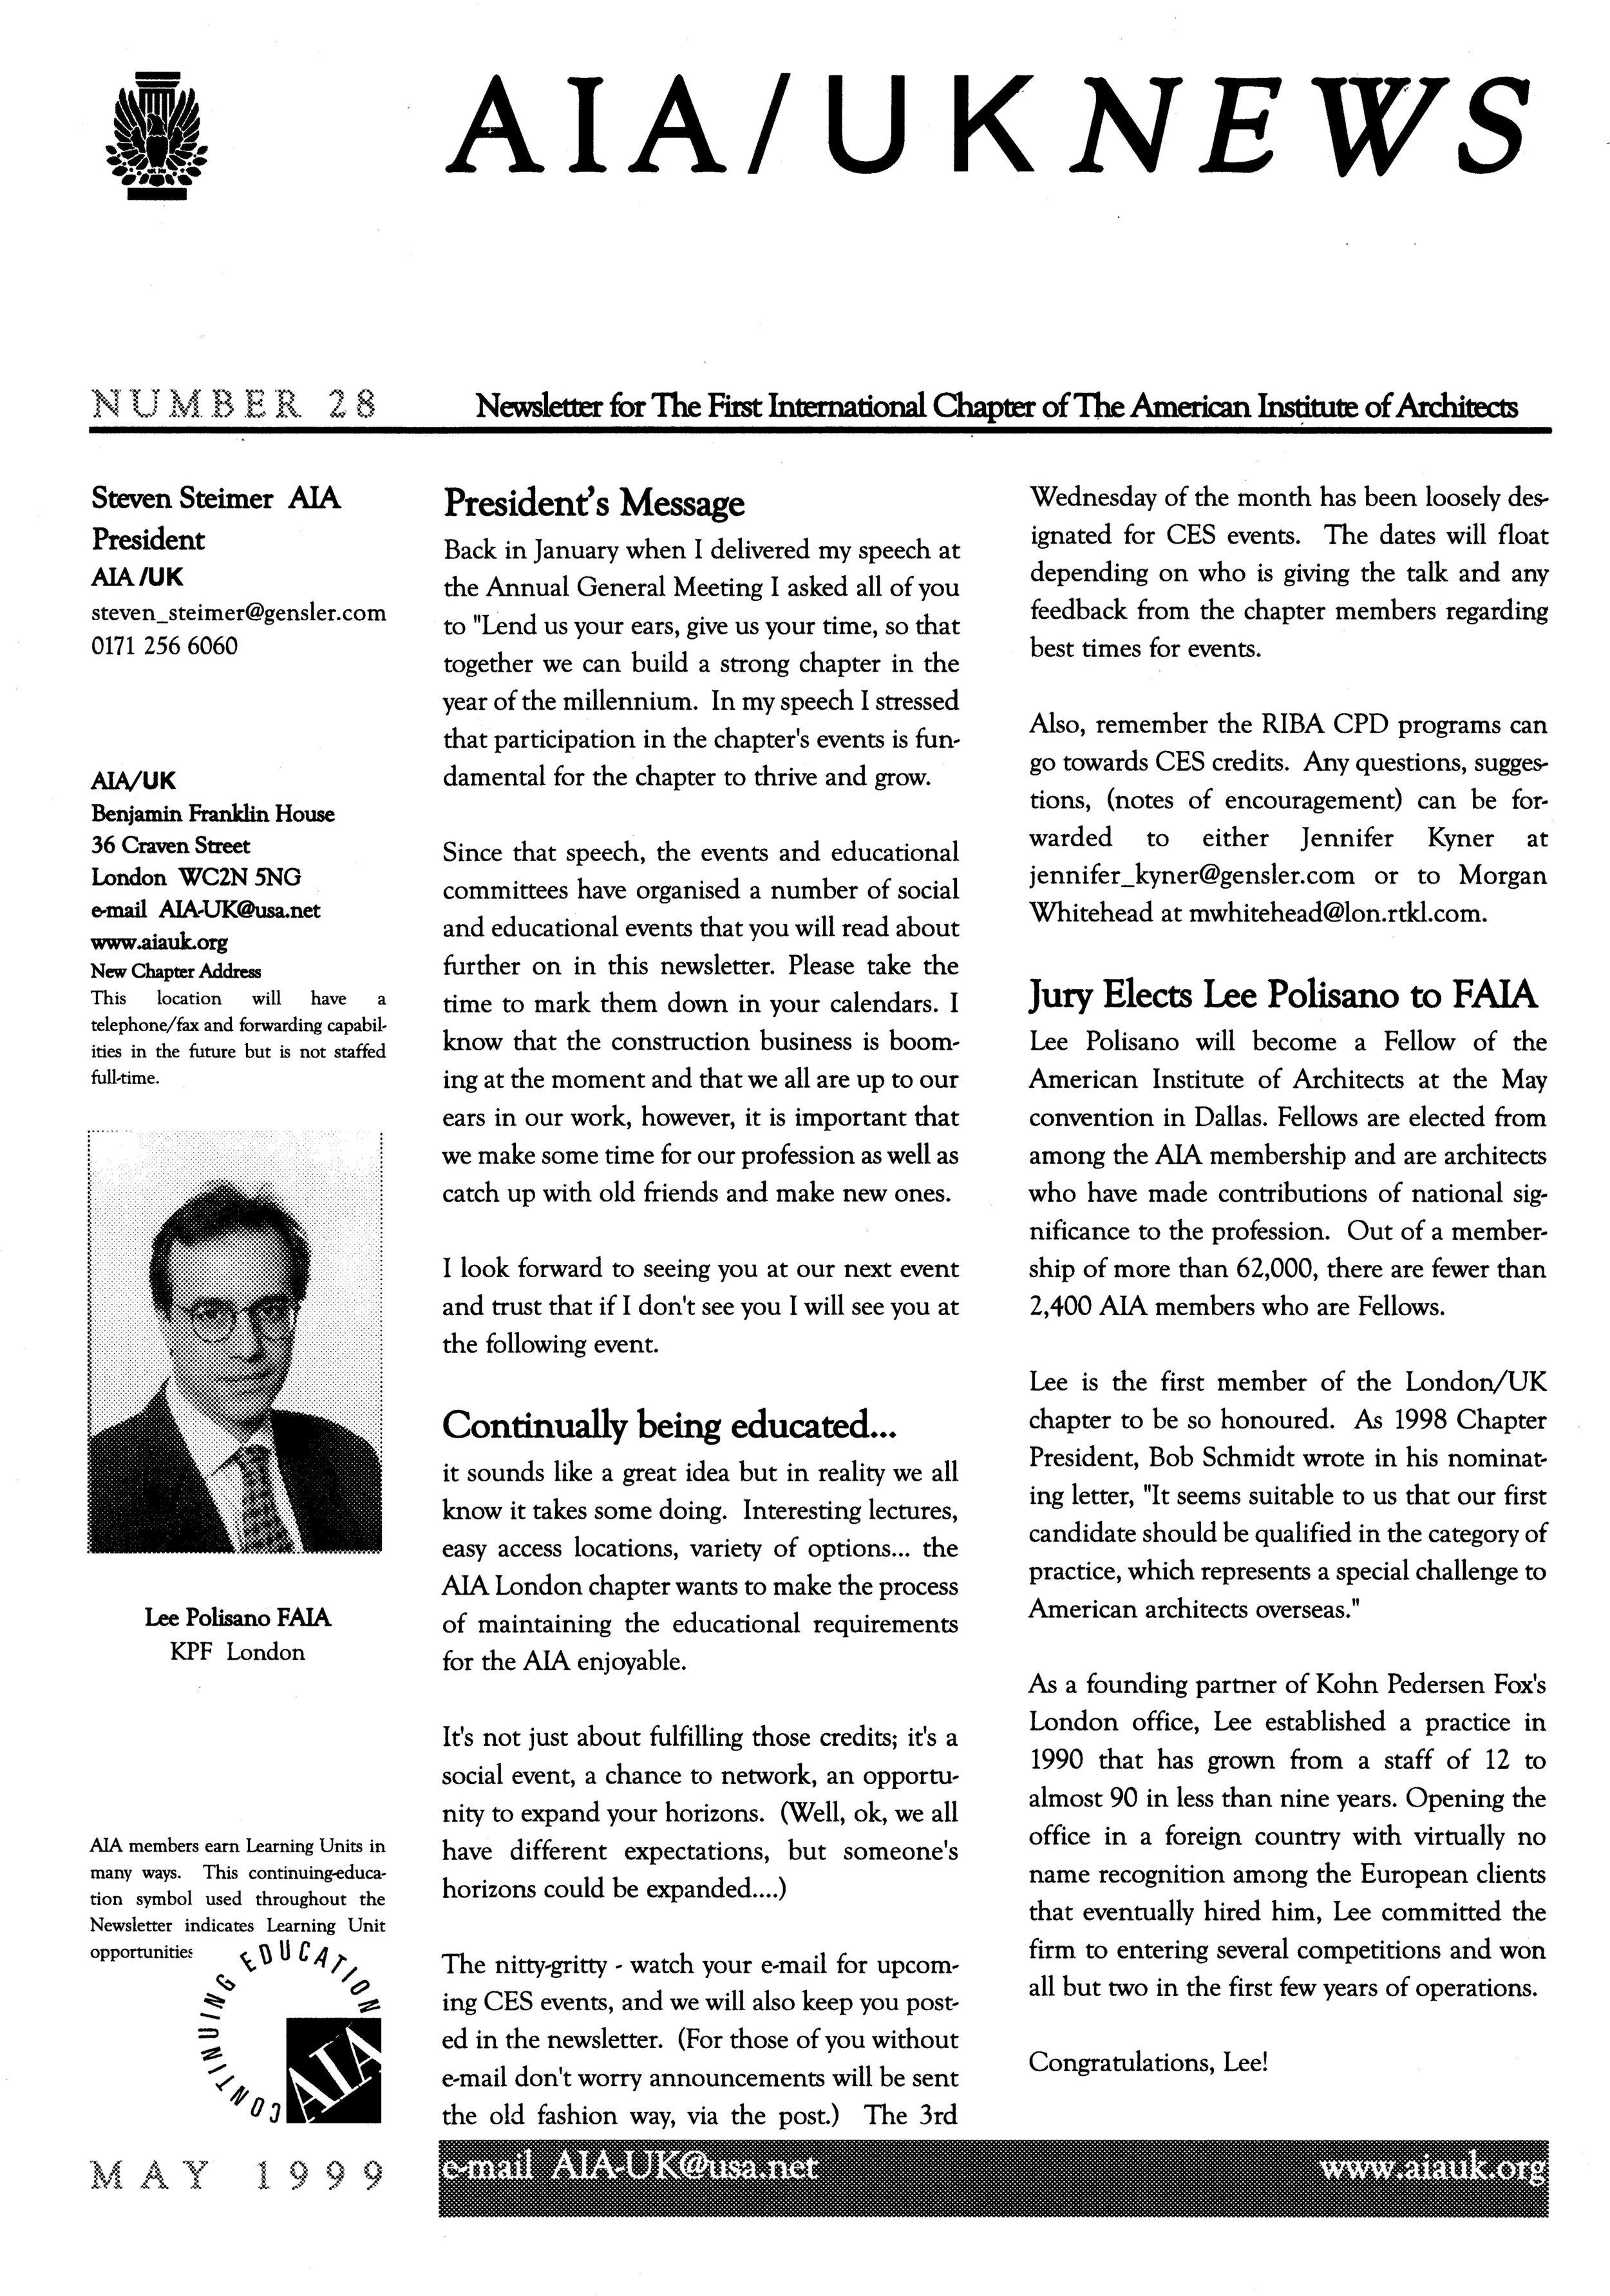 28 - May 1999_Page_1.jpg